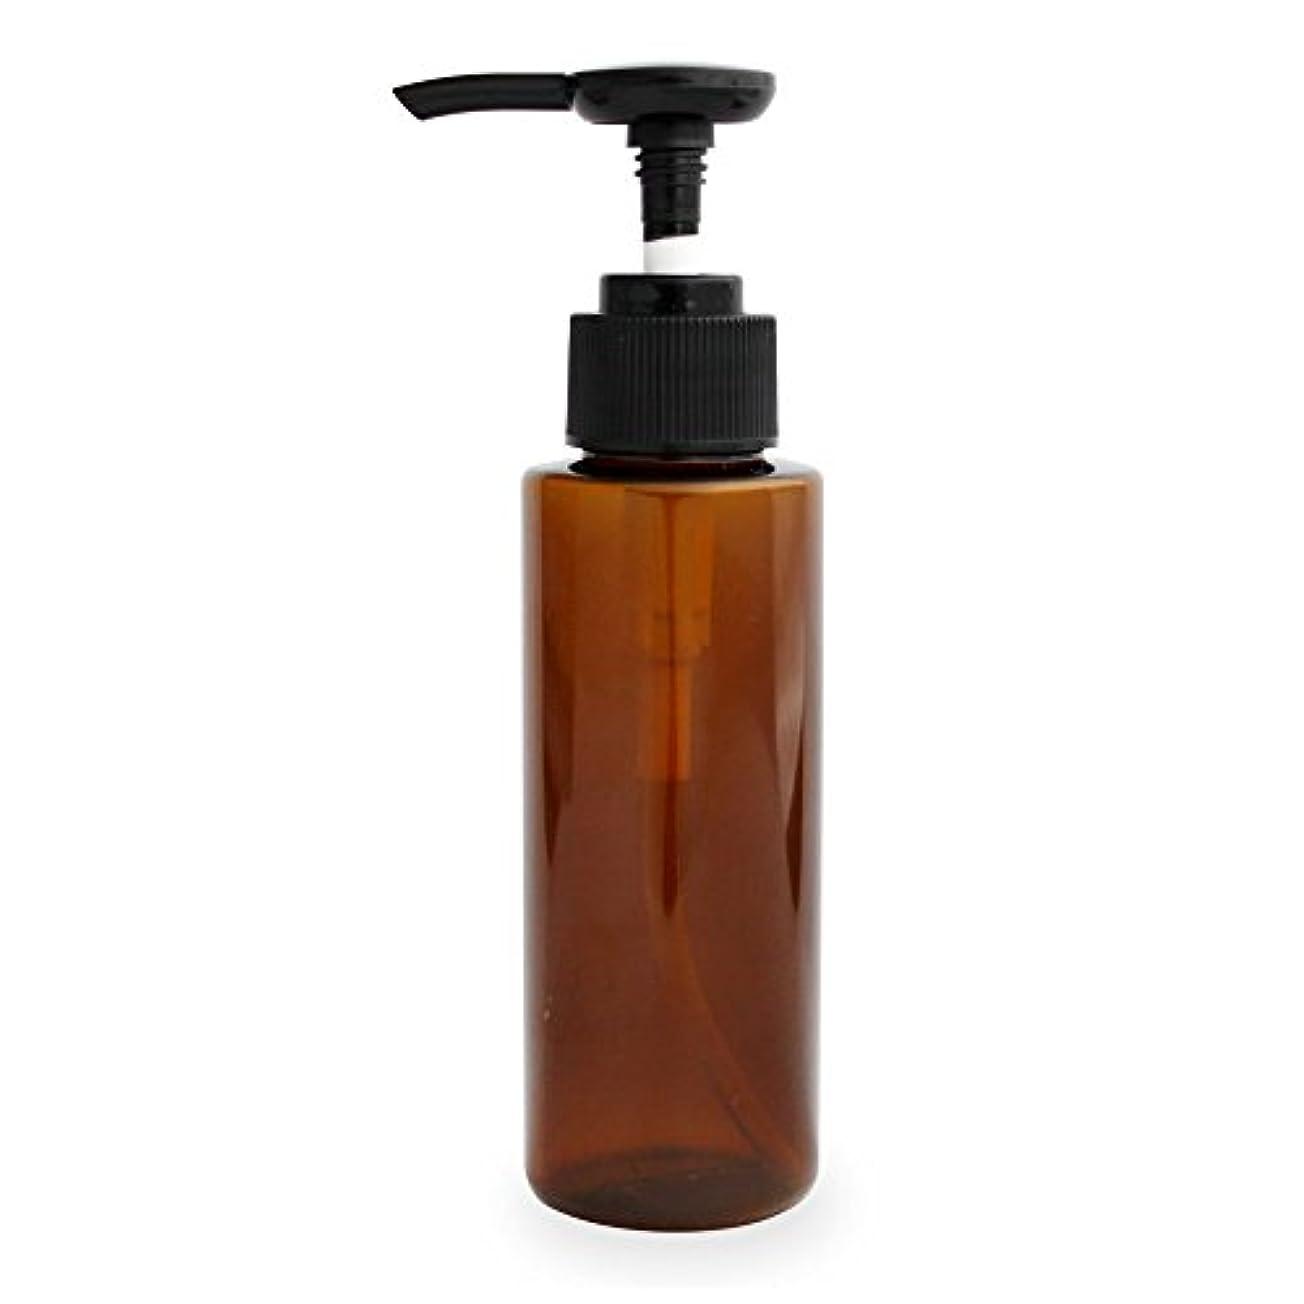 区画願う熟読ポンプボトル100ml(ブラウン)(プラスチック容器 オイル用空瓶 プラスチック製-PET 空ボトル プッシュポンプ)